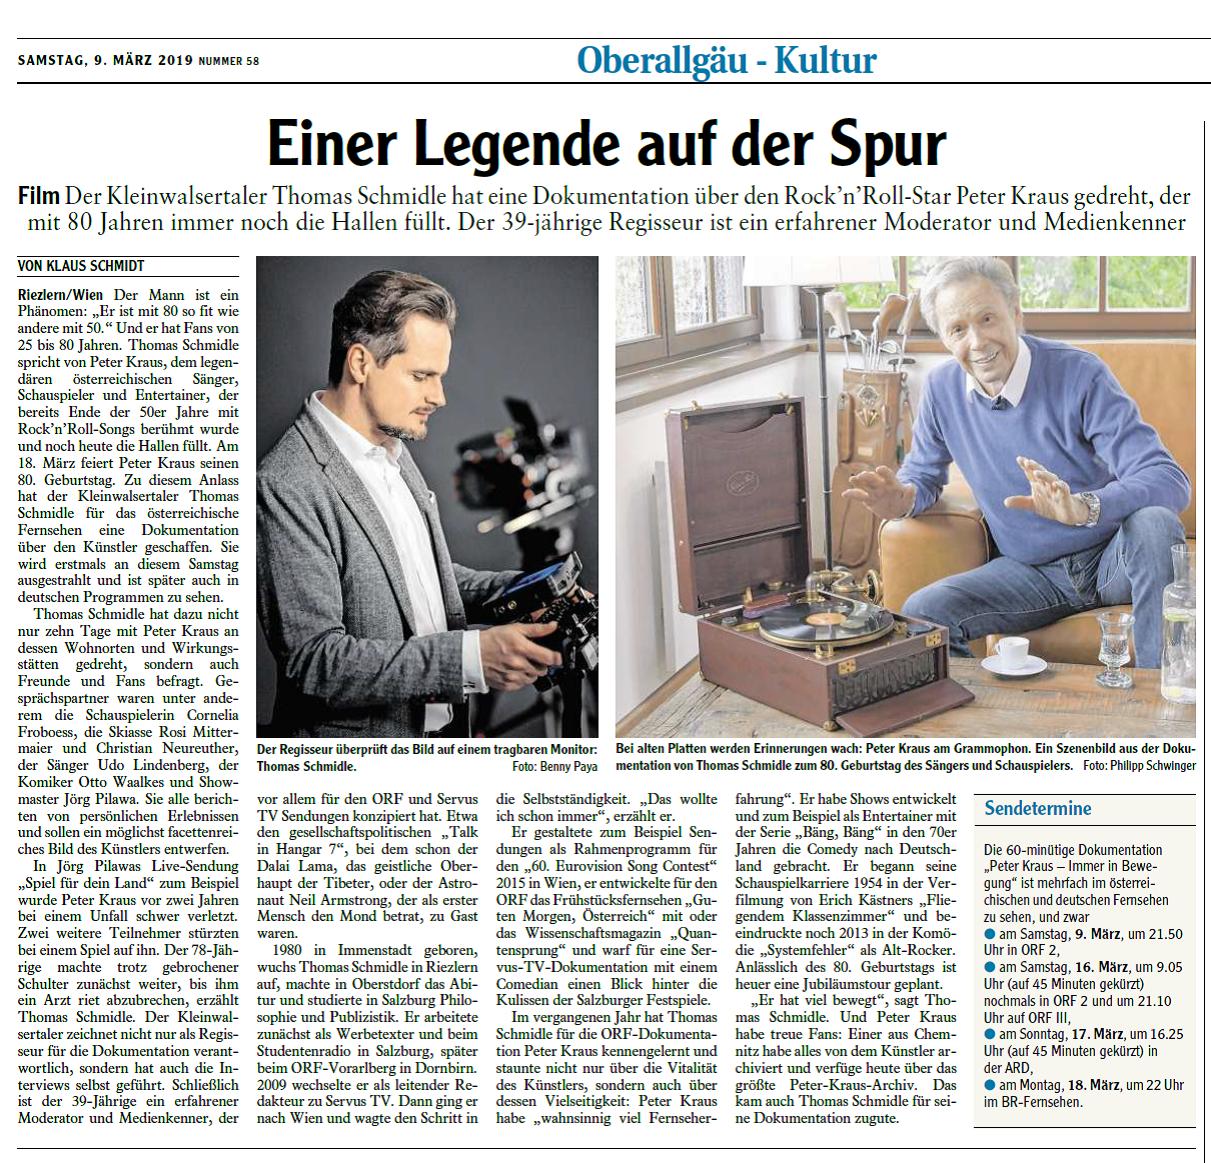 Artikel: Oberallgäu Kultur, über die Dokumentation Peter Kraus - Einer Legende auf der Spur